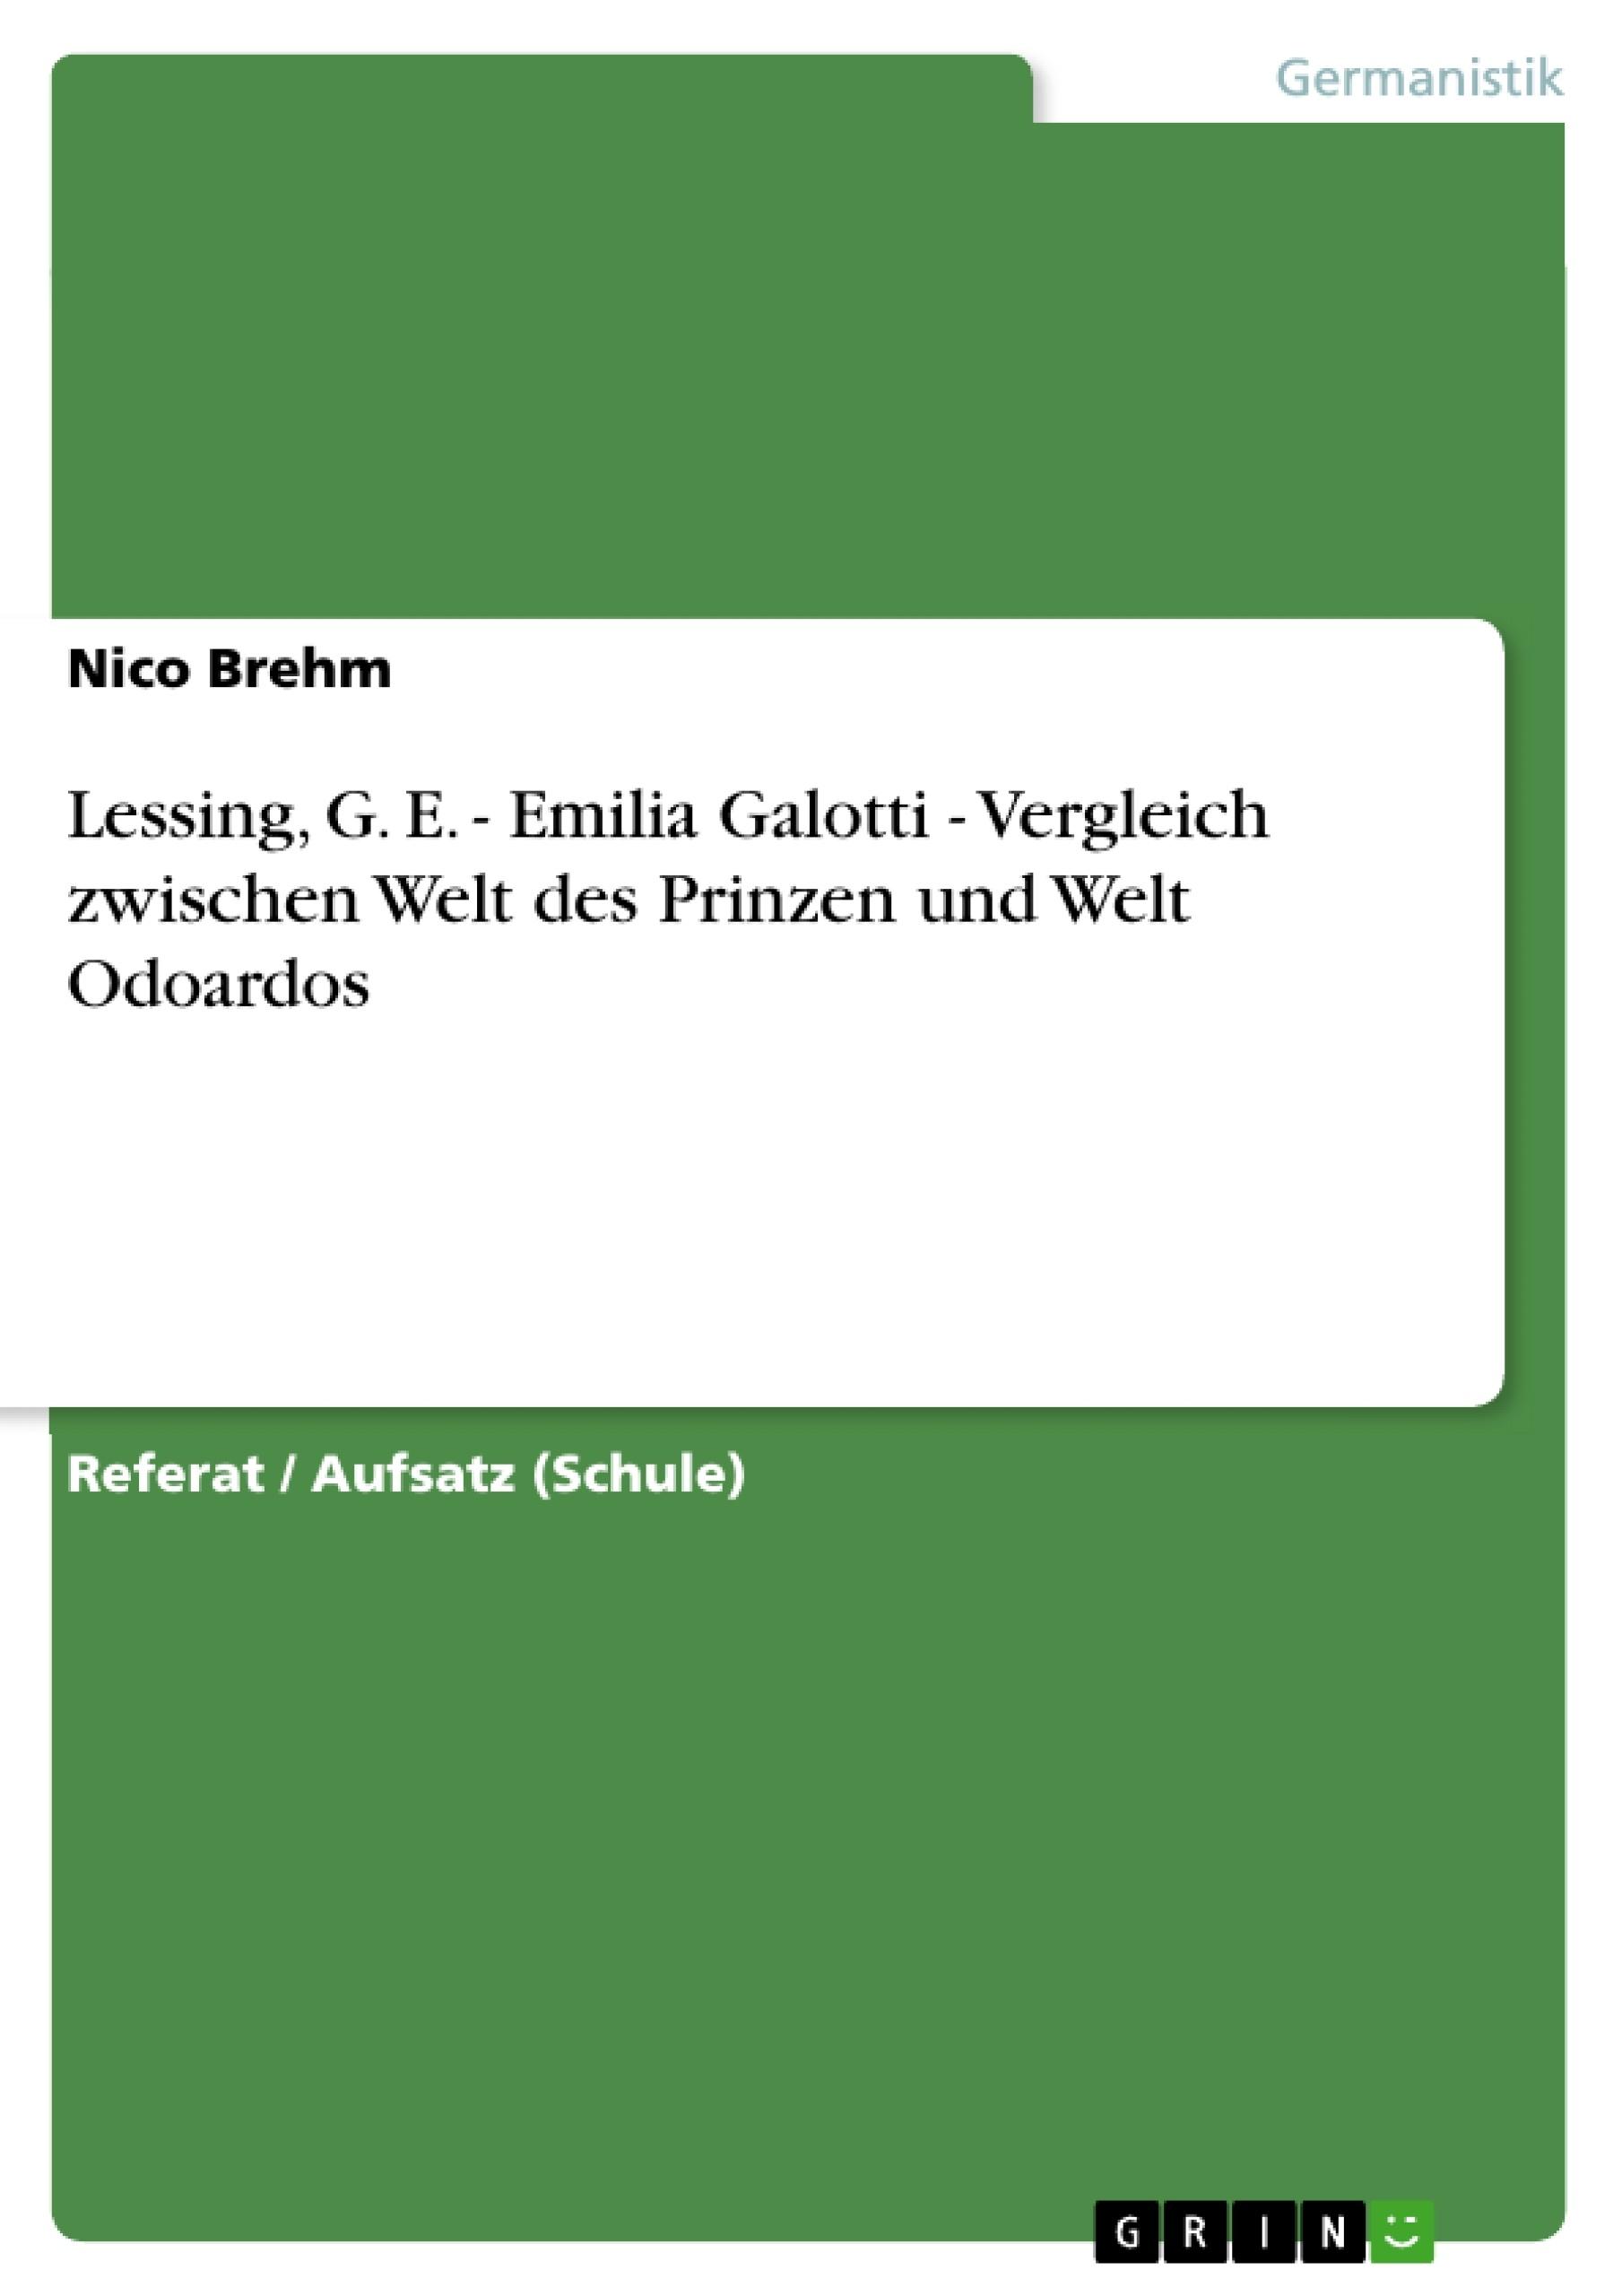 Titel: Lessing, G. E. - Emilia Galotti - Vergleich zwischen Welt des Prinzen und Welt Odoardos